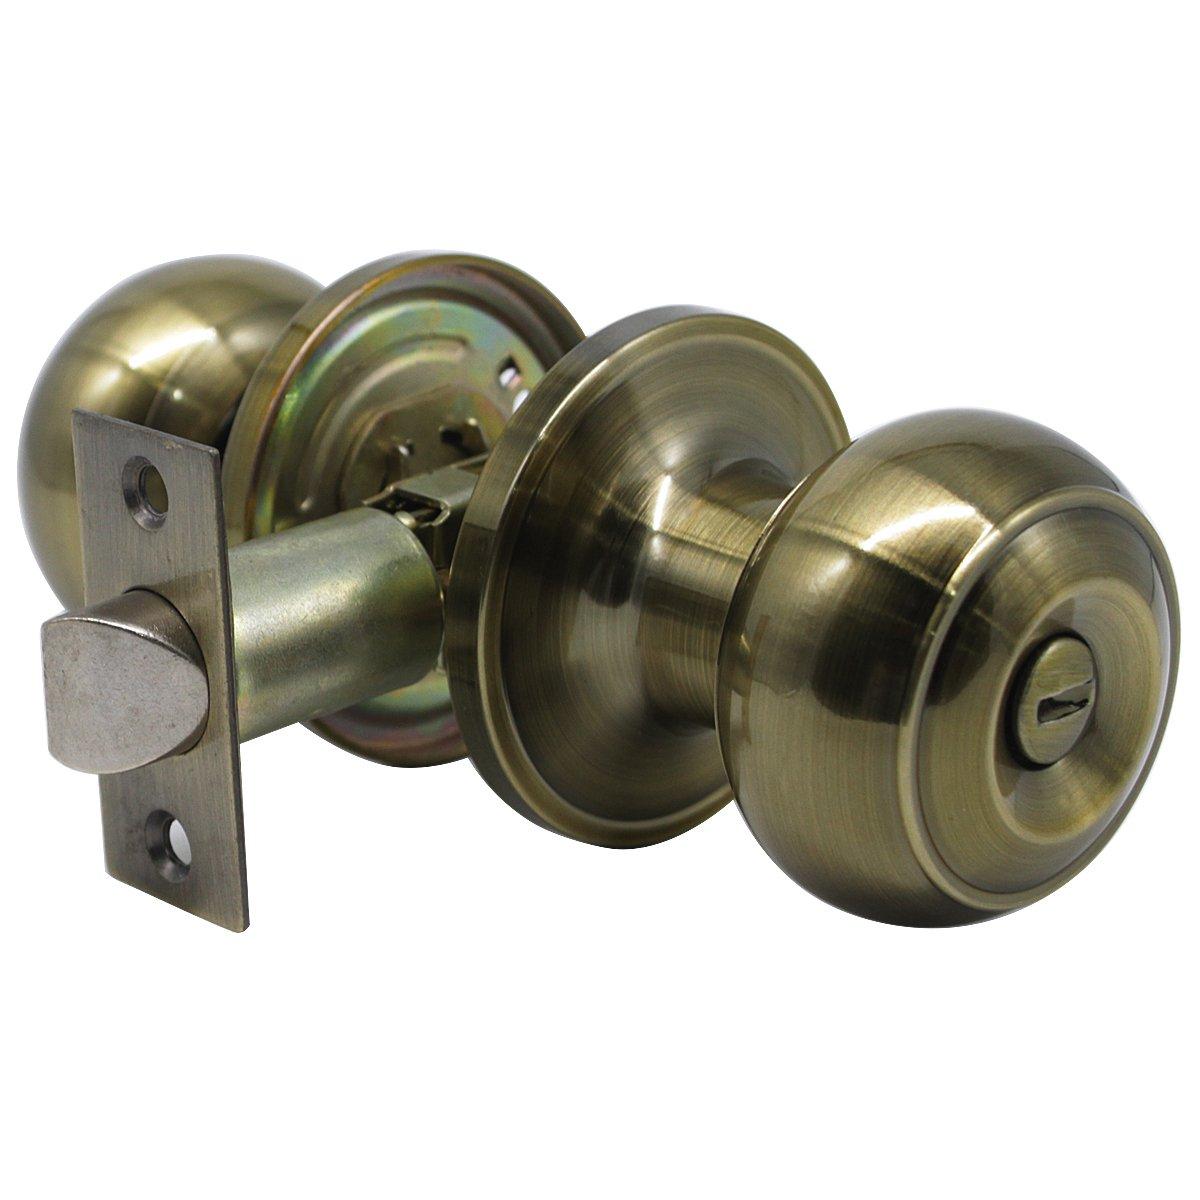 dise/ño vintage Probrico acero inoxidable color bronce envejecido Pomos para puerta de interior y ba/ño